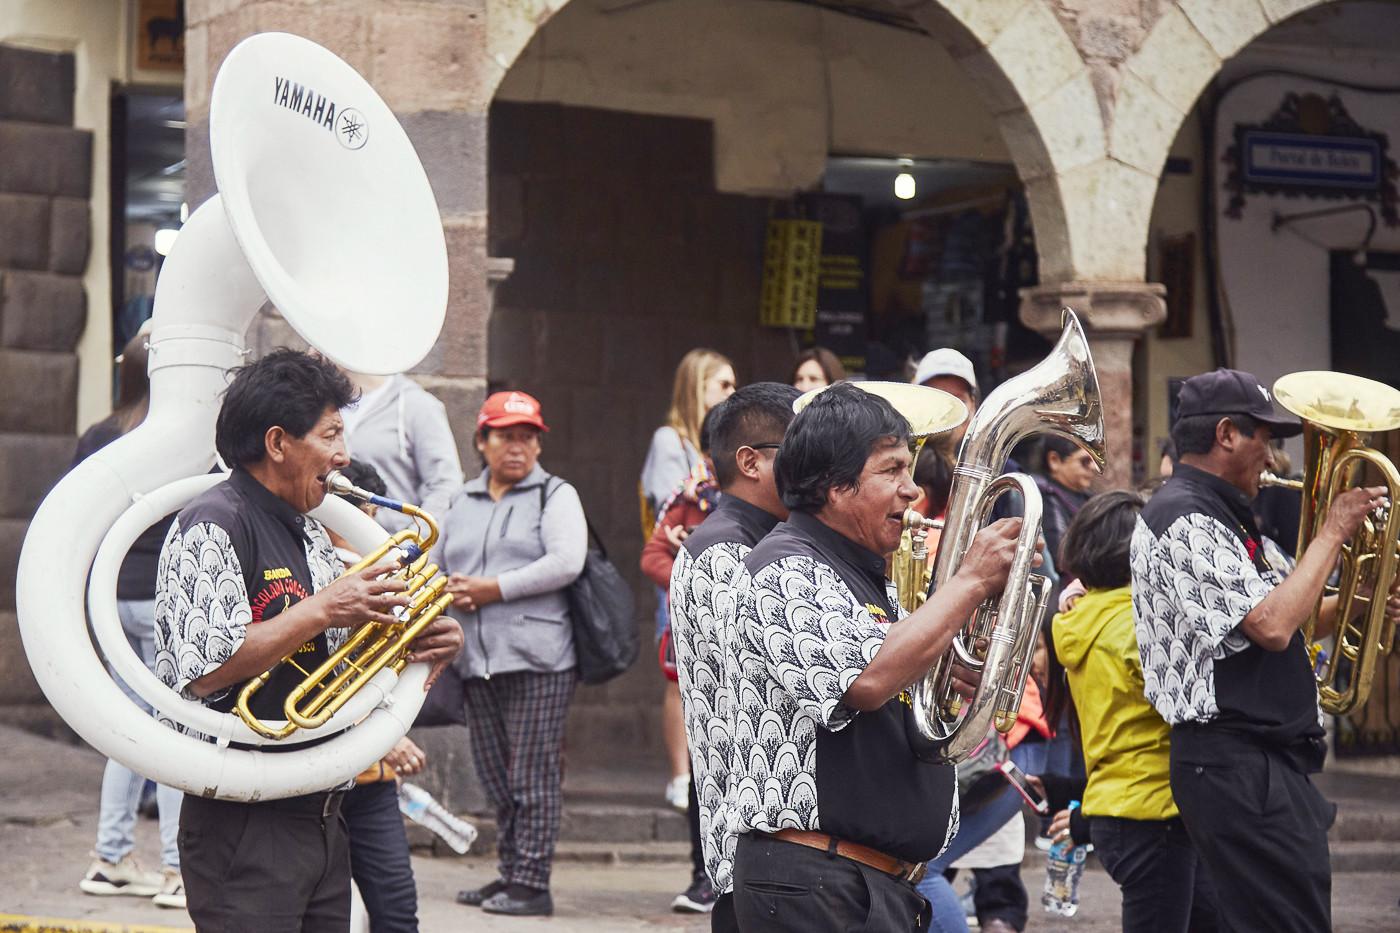 Dazwischen waren immer wieder Straßenmusiker unterwegs, die neue Melodien anspielten